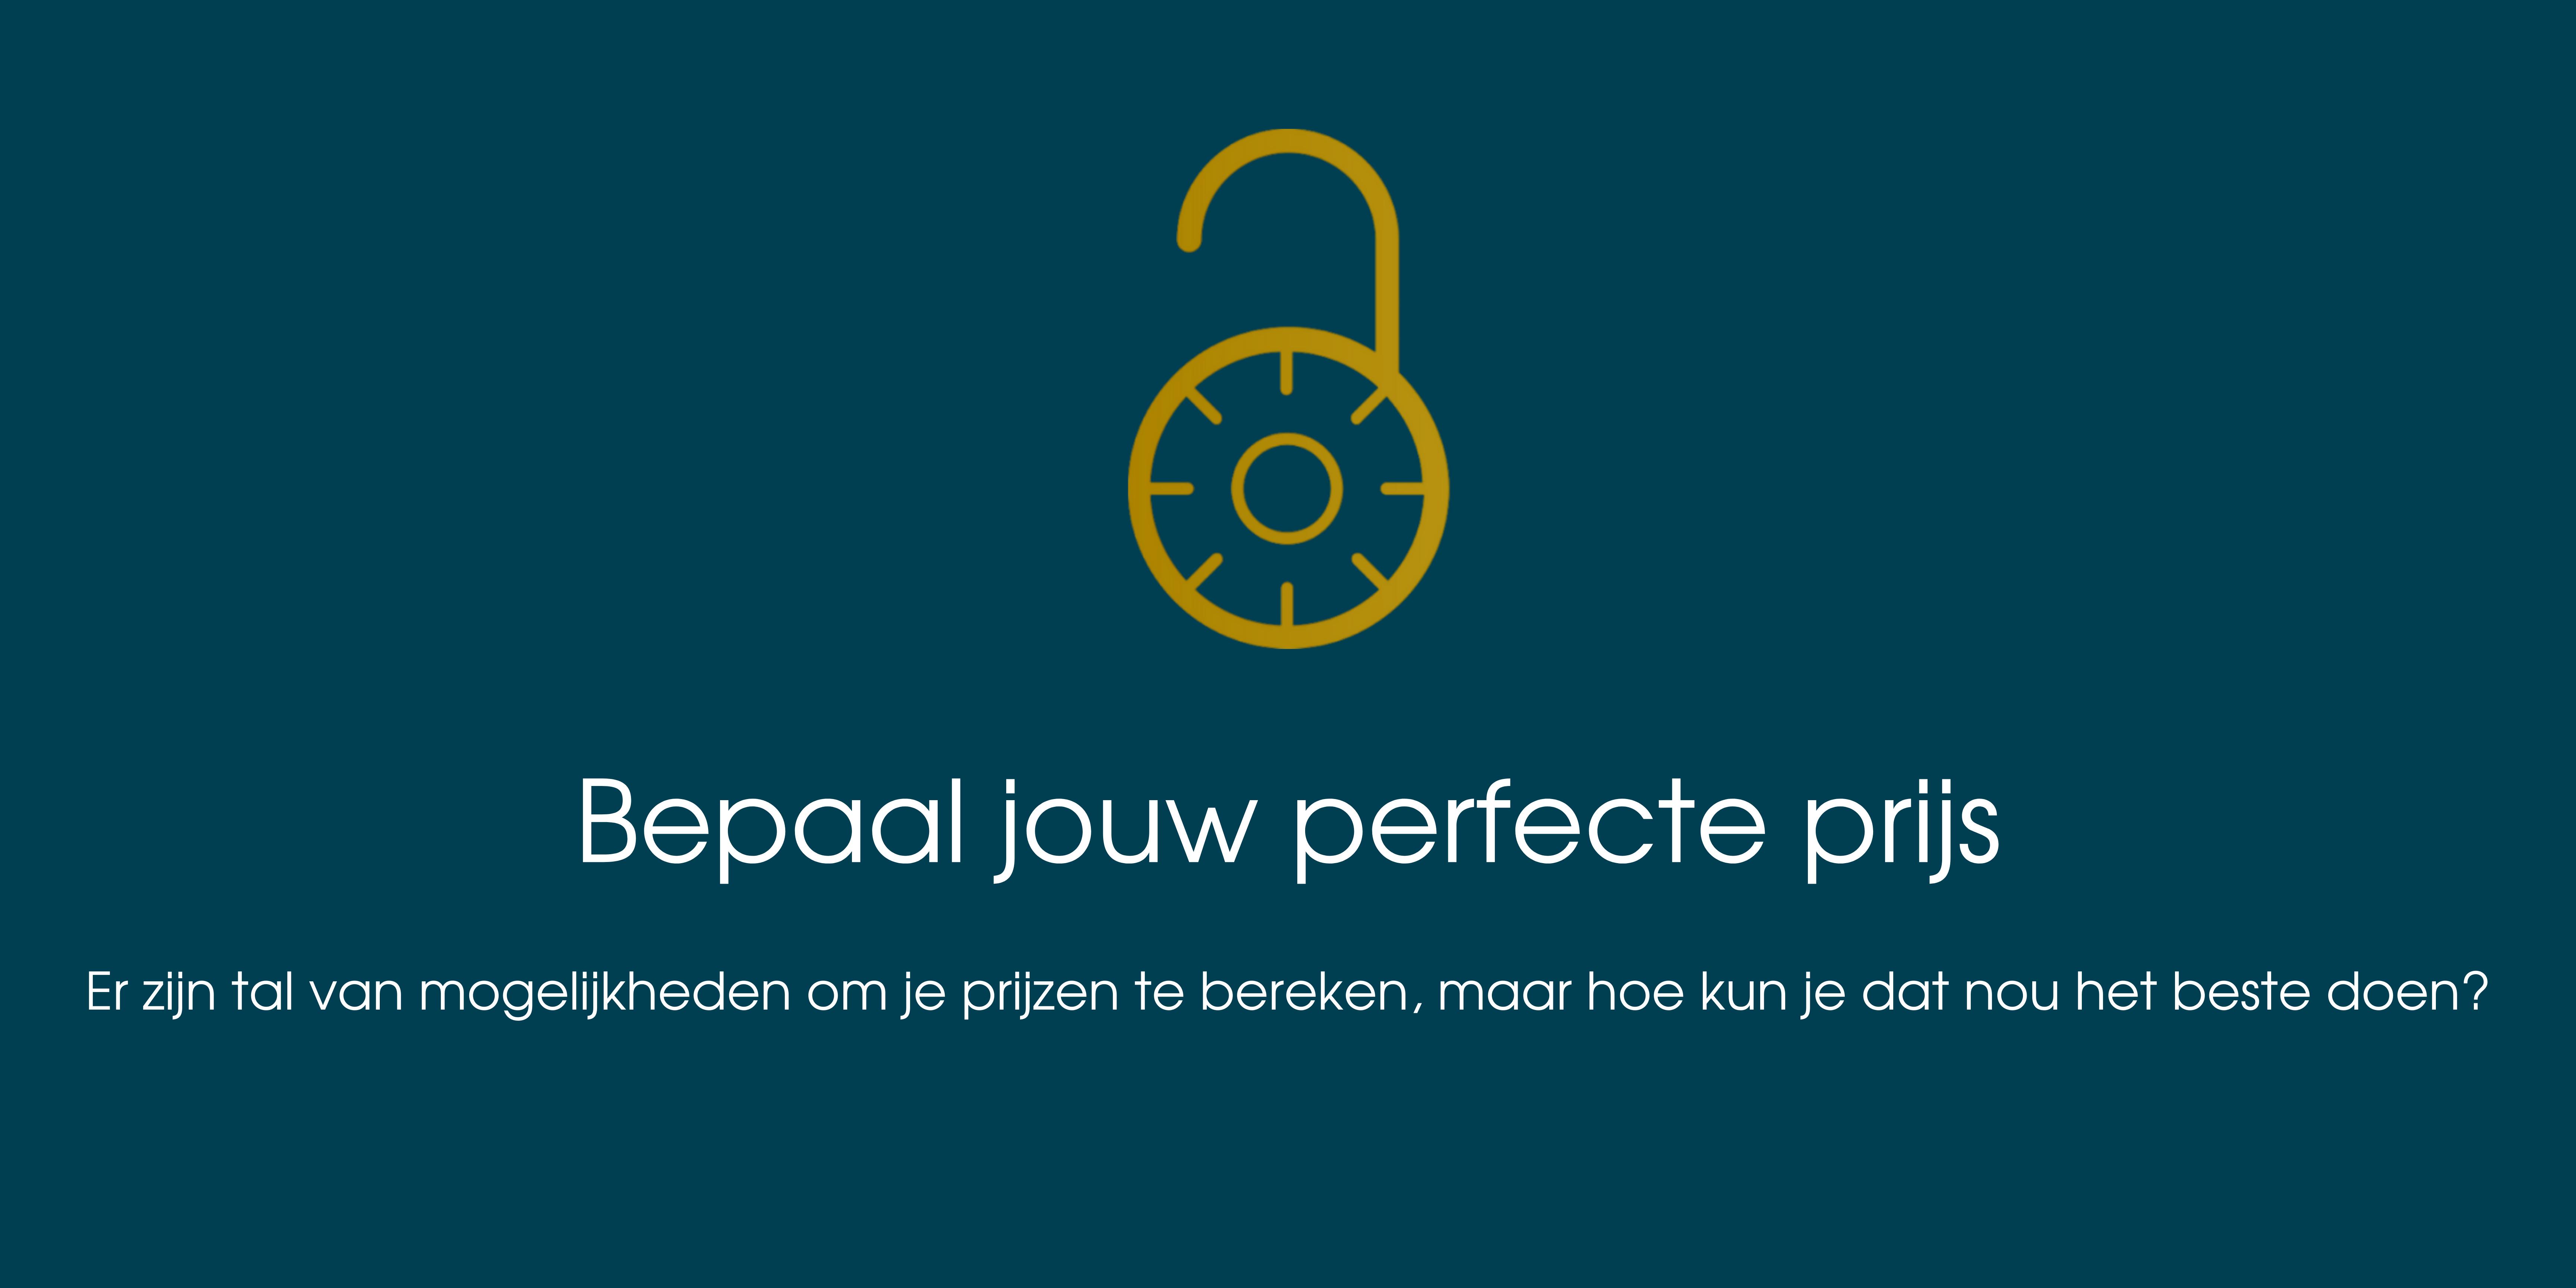 Bepaal jouw perfecte prijs